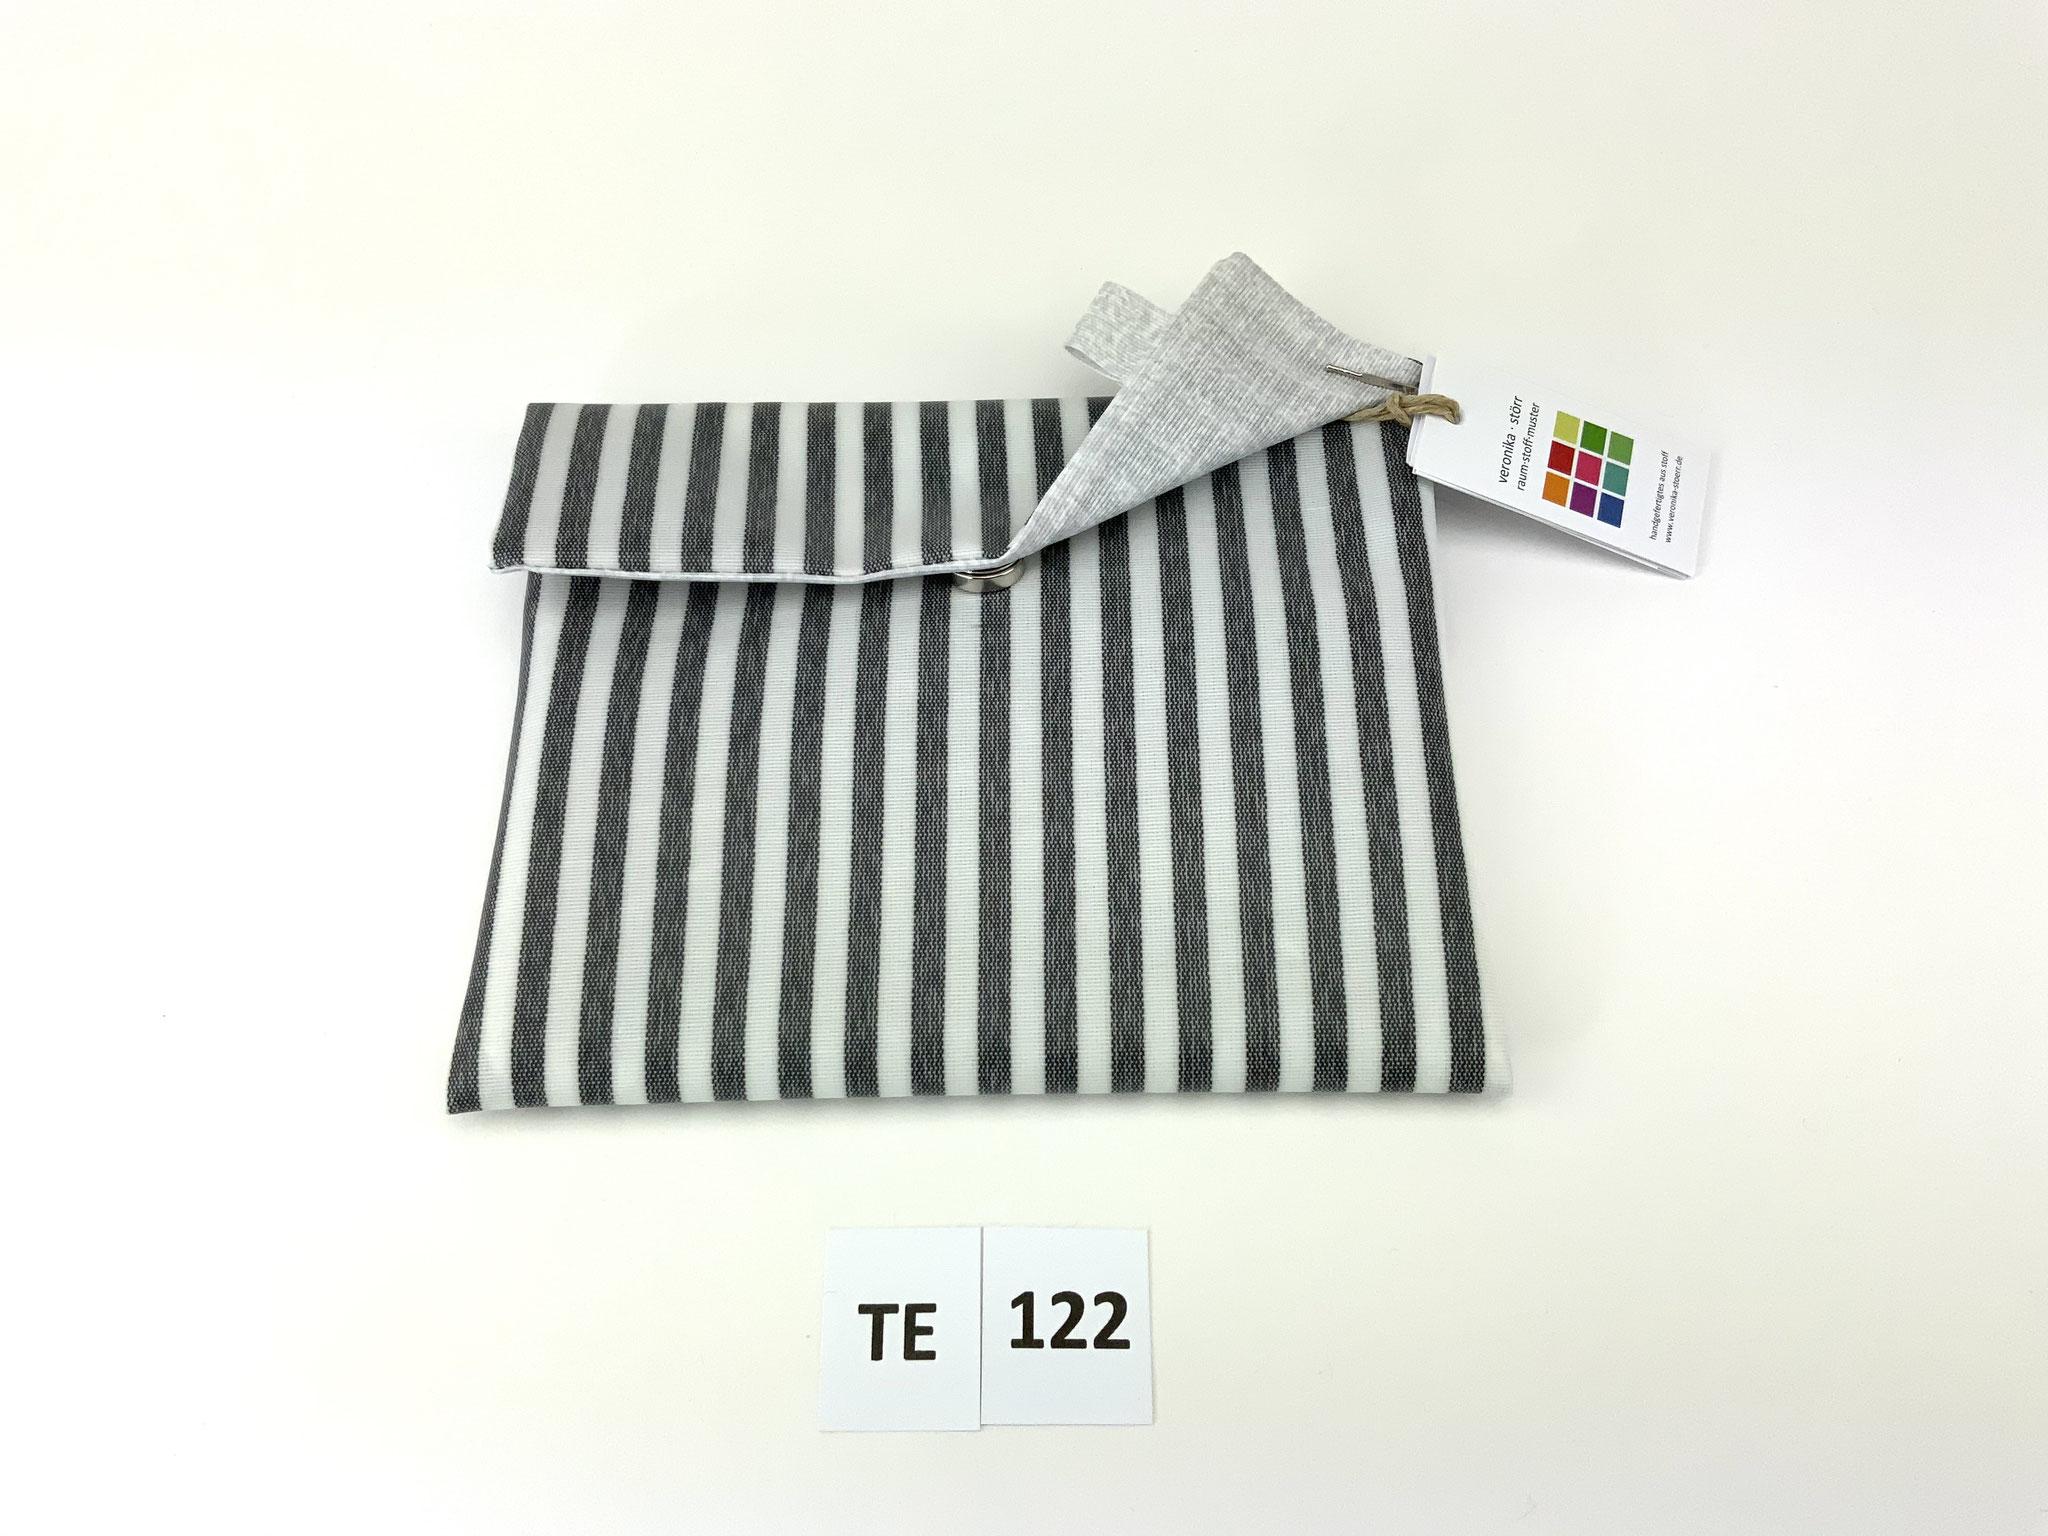 TE 122: 16,5 x 13,5 cm * mit Magnetdrücker * AS WT / IS BBW * 13,90 €